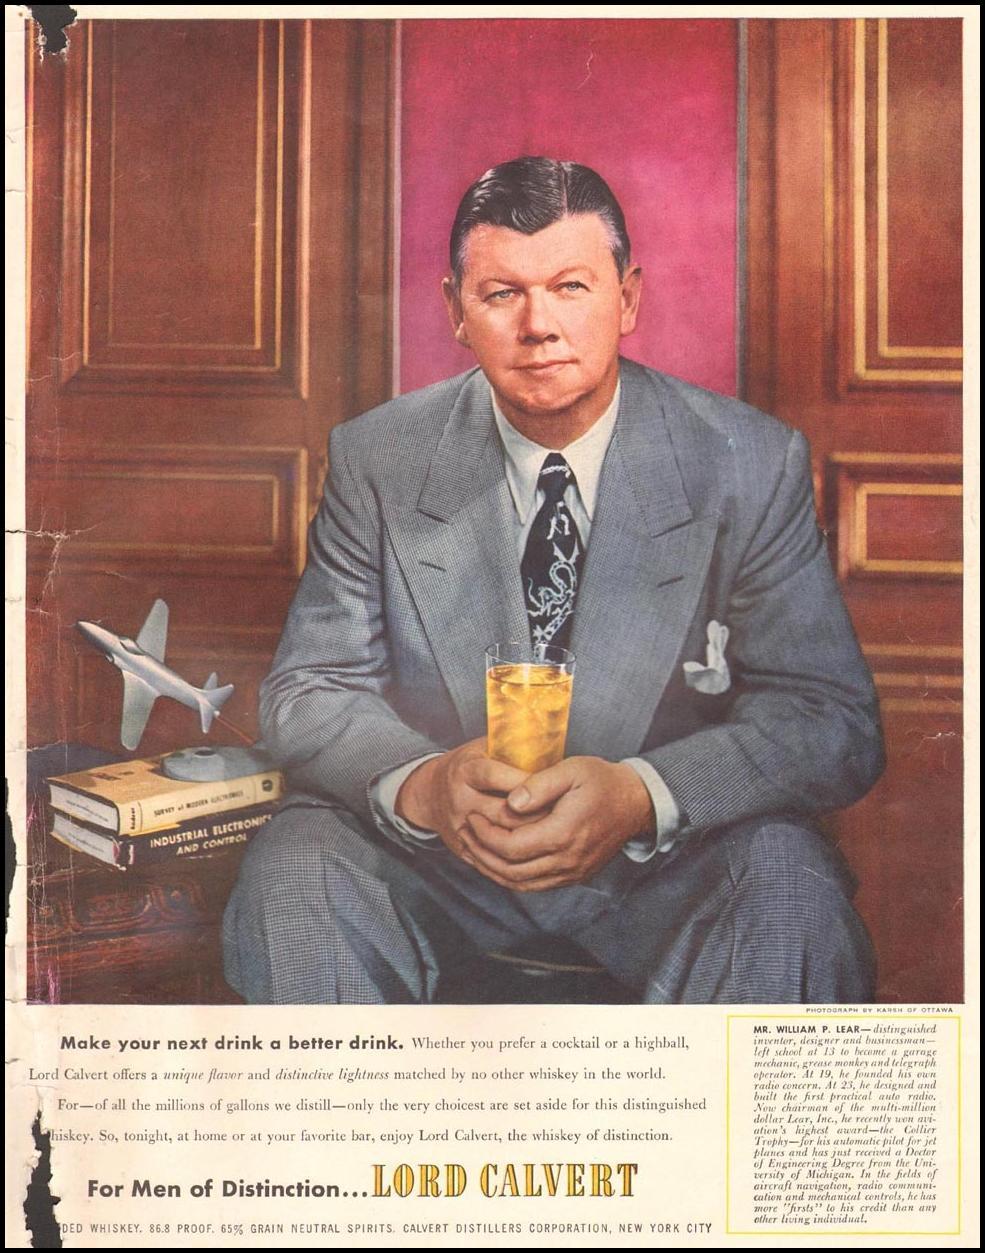 LORD CALVERT WHISKEY LIFE 10/01/1951 INSIDE BACK